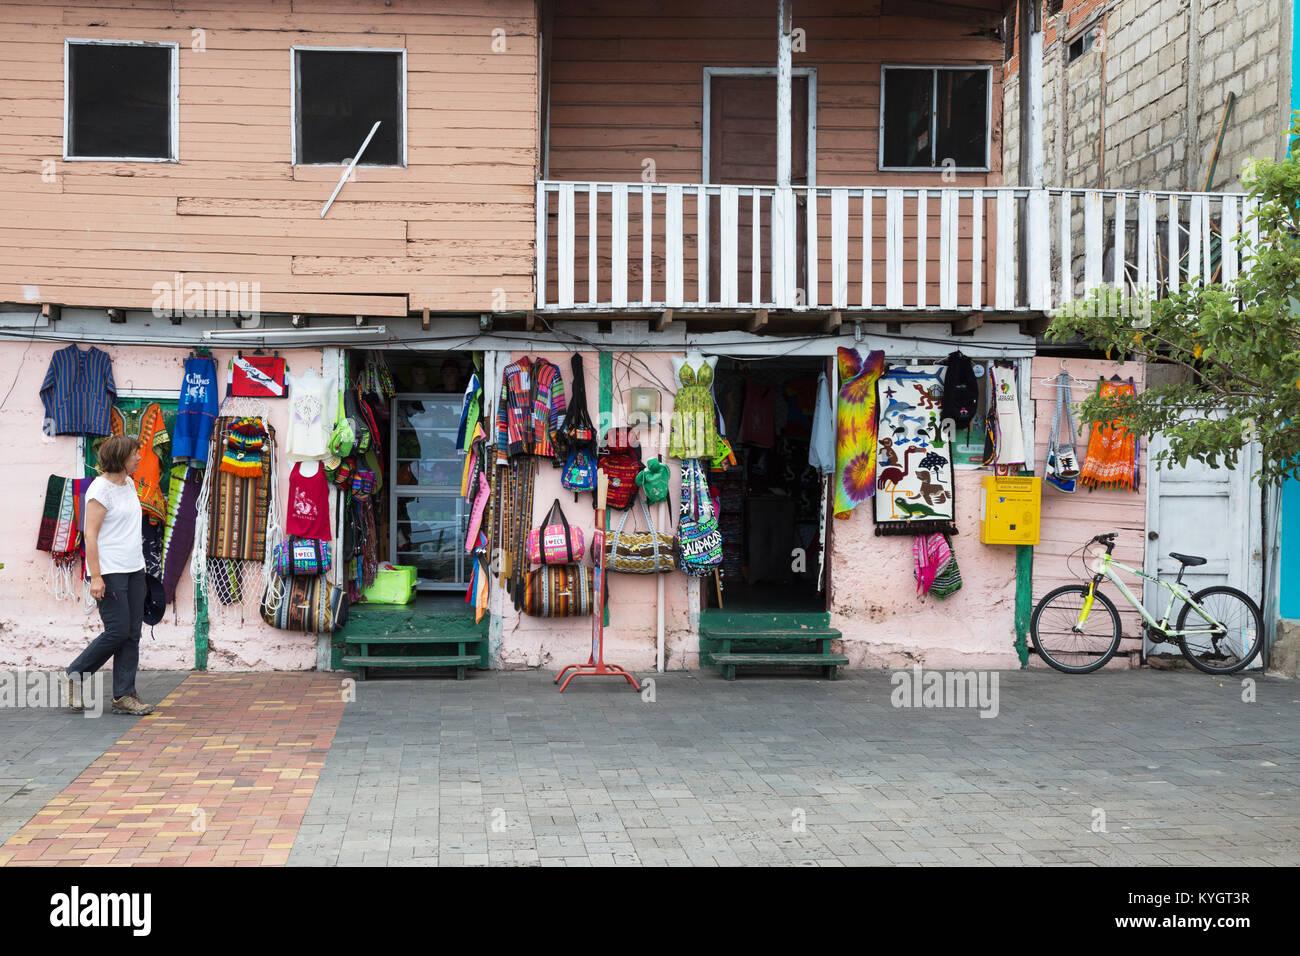 Las tiendas de la ciudad de San Cristóbal, la Isla San Cristóbal, Islas Galápagos, Ecuador Sudamérica Imagen De Stock